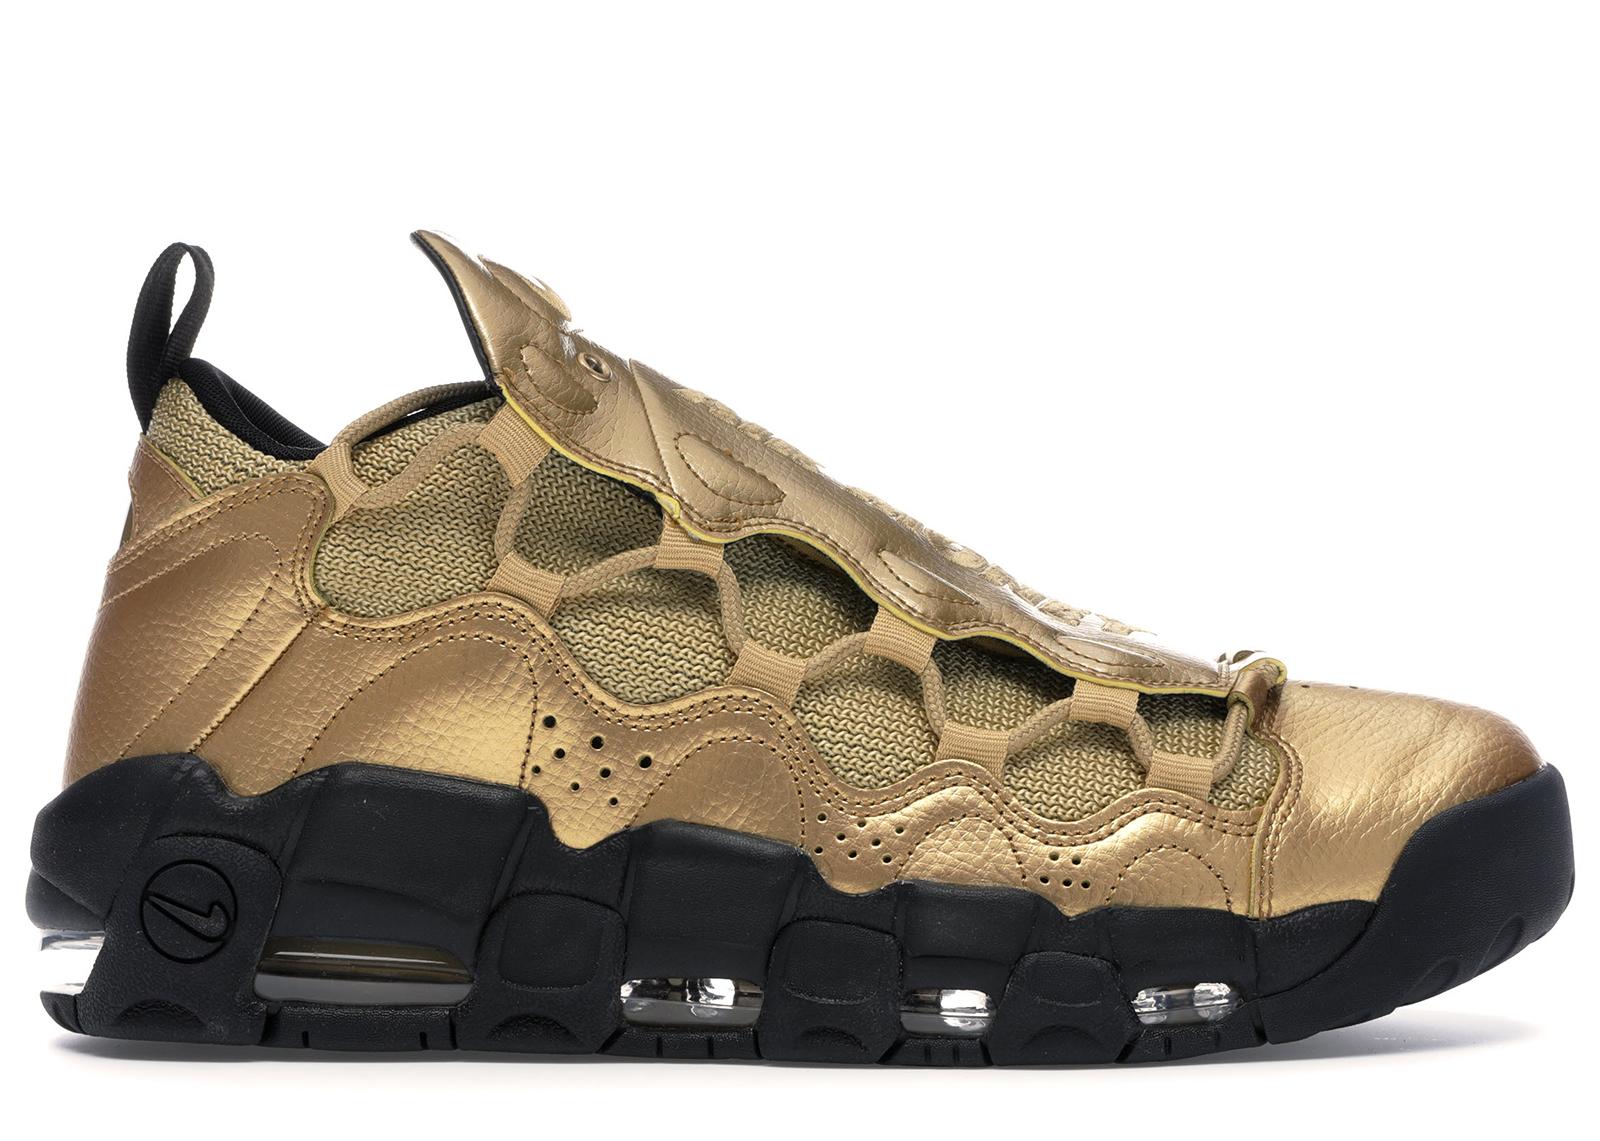 Nike Air More Money Metallic Gold Black